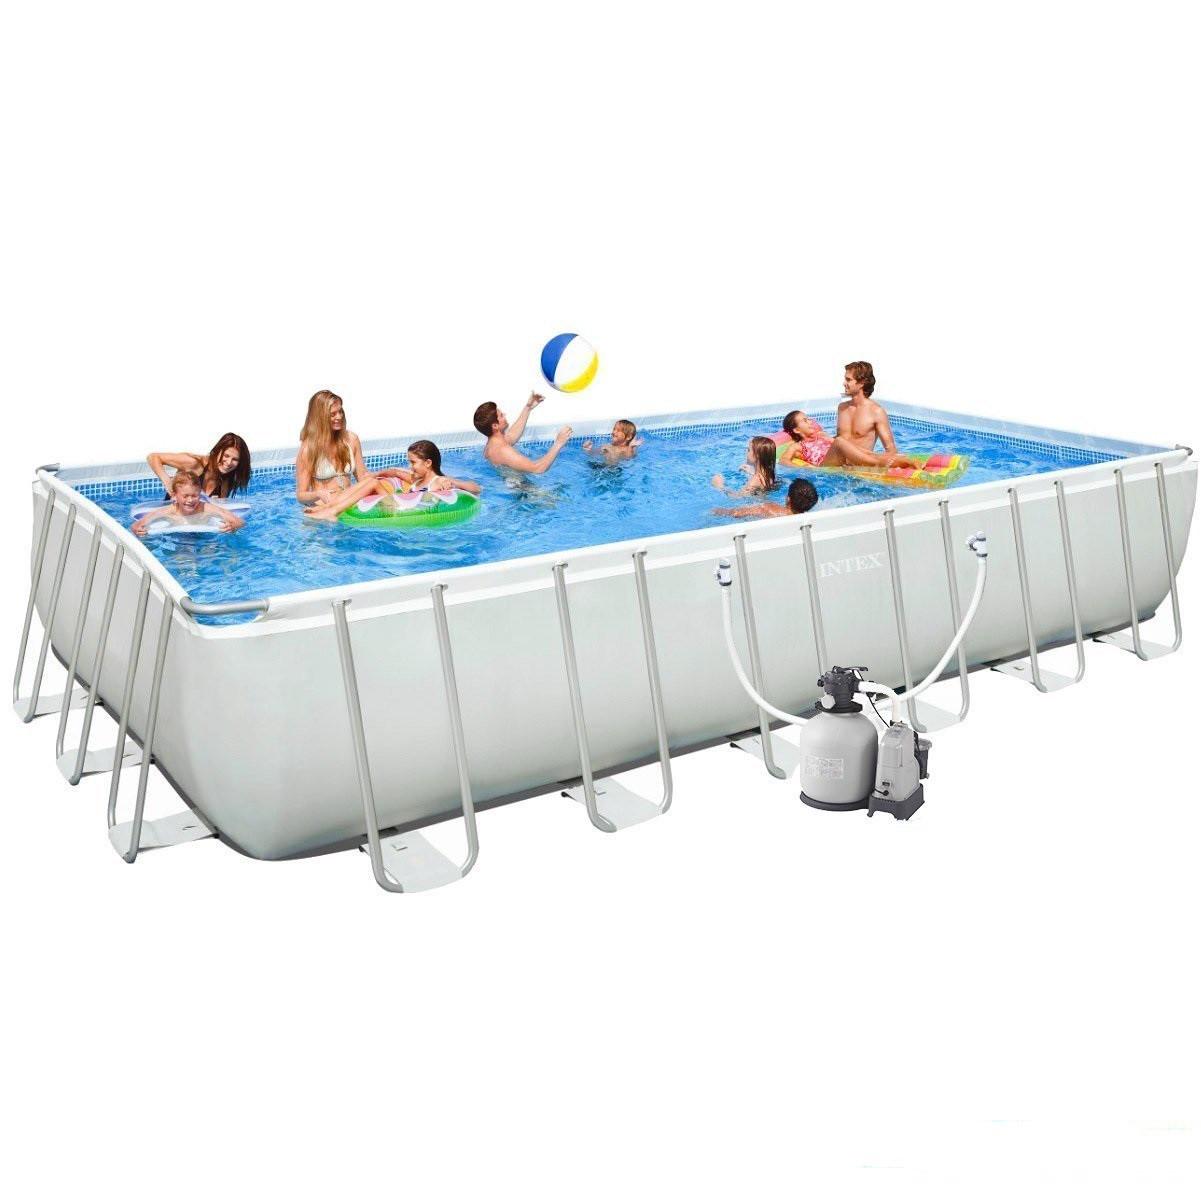 Каркасный бассейн Intex 28368.Pool 732 х 366 х 132 см Басейн